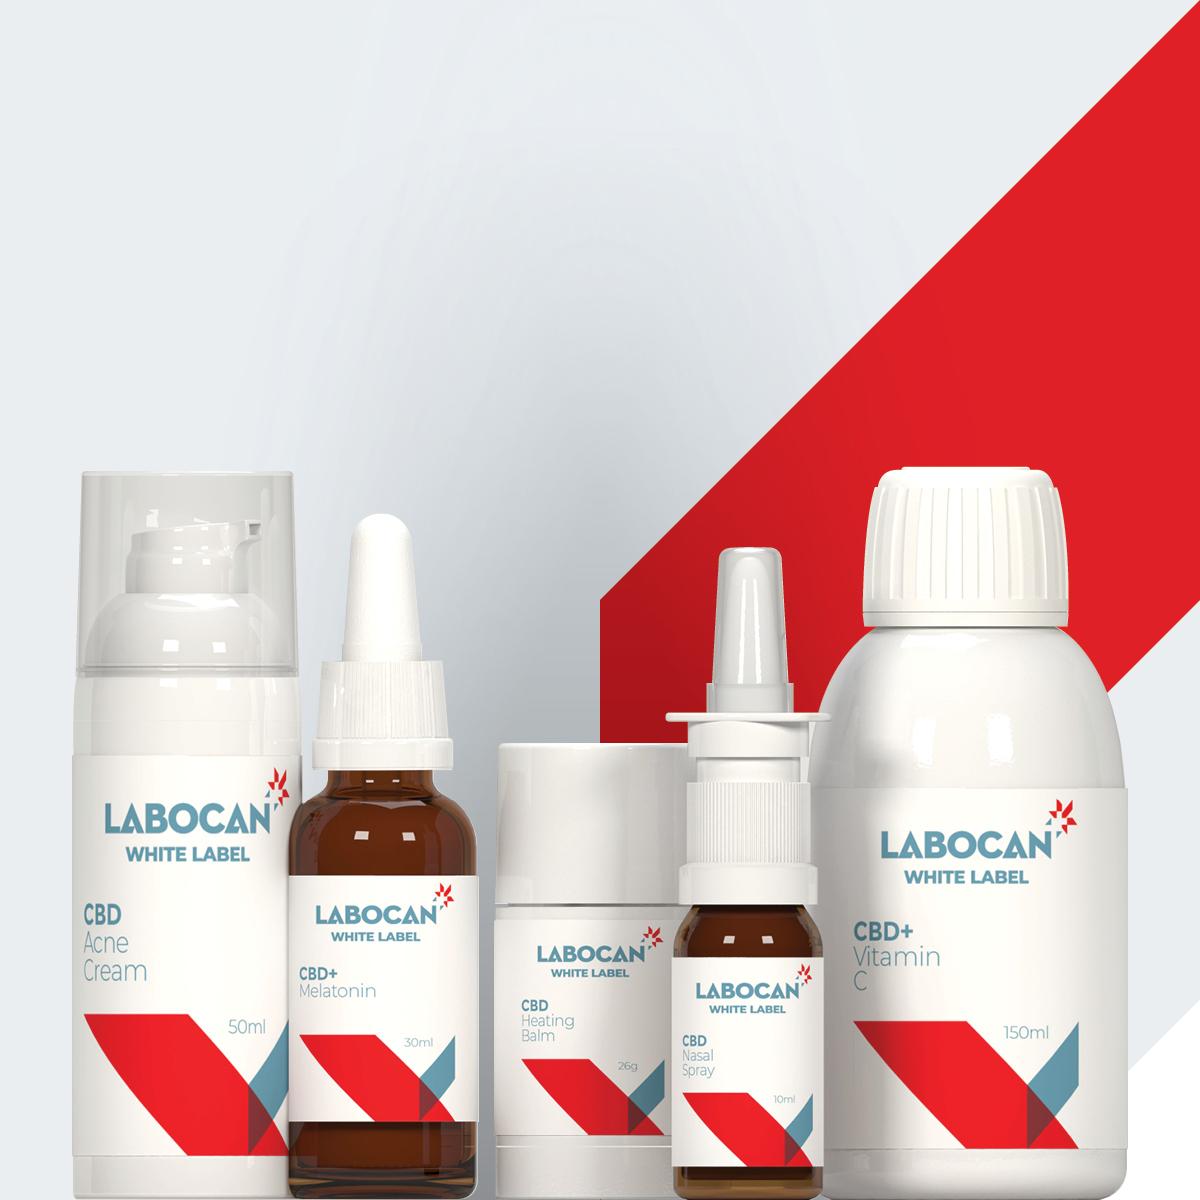 Produits en marque blanche Labocan